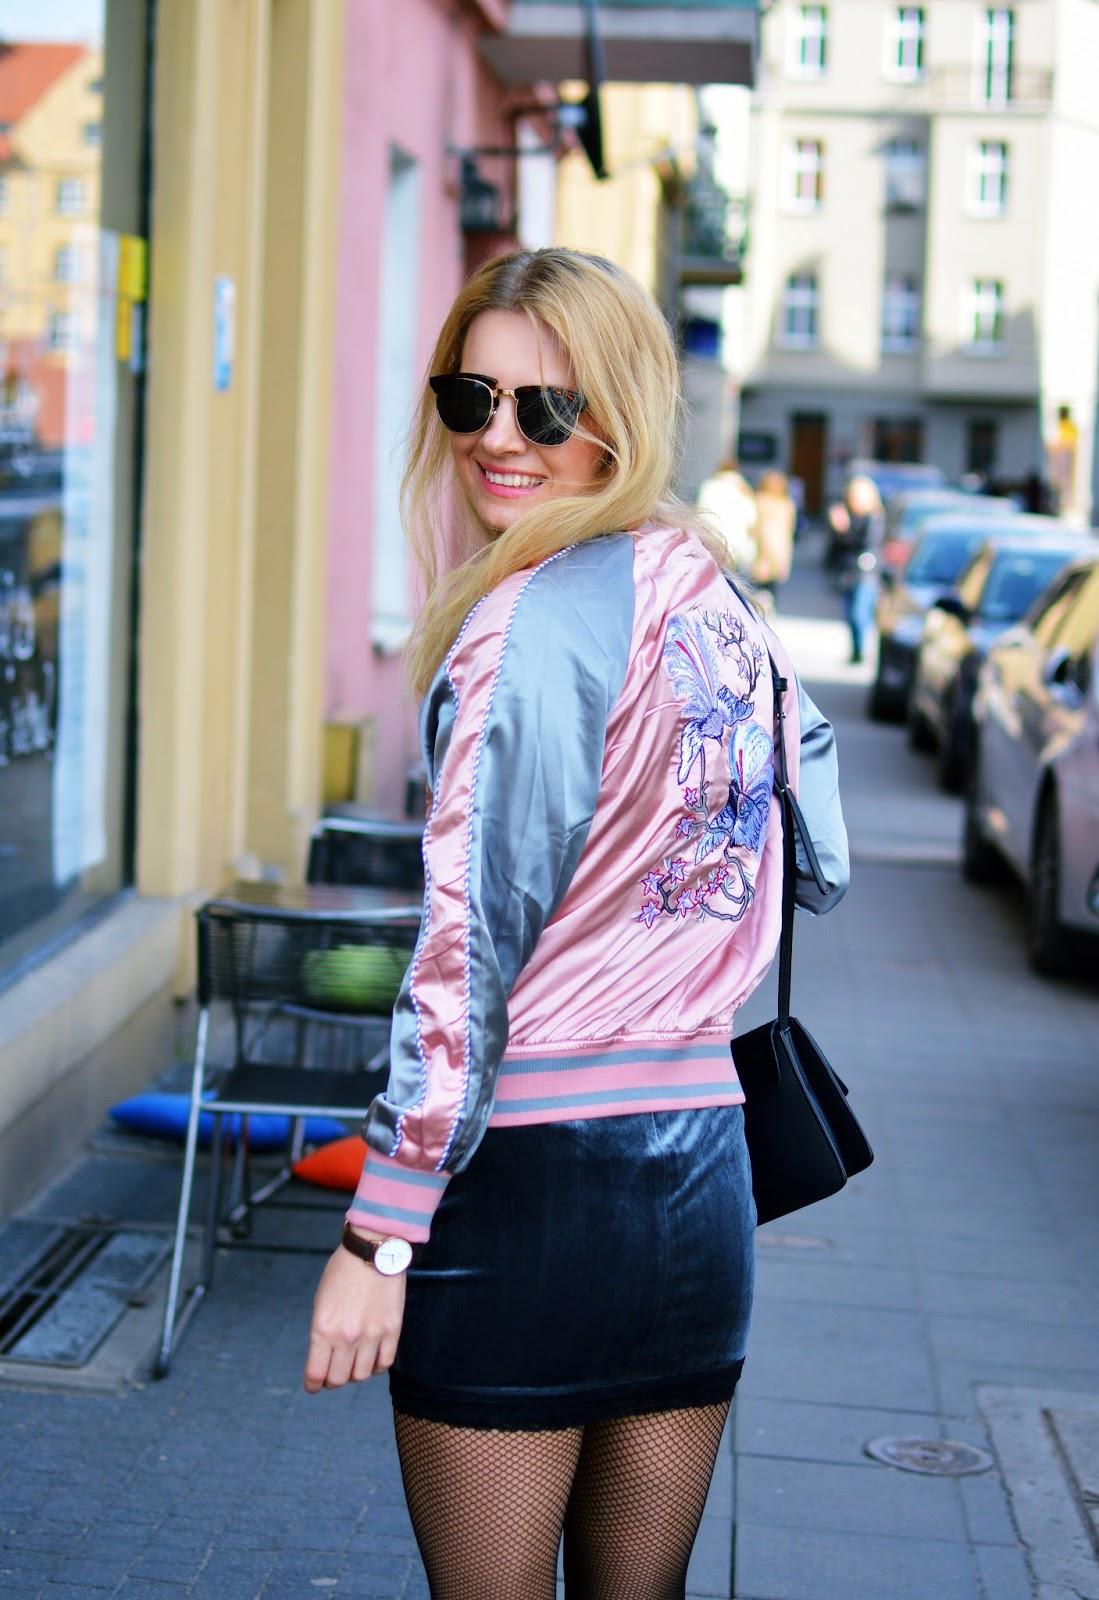 rajstopy kabaretki, blog, blogger, baseball jacket, stylizacja, rózowy, wiosna, poznań, kurtka z ptakami